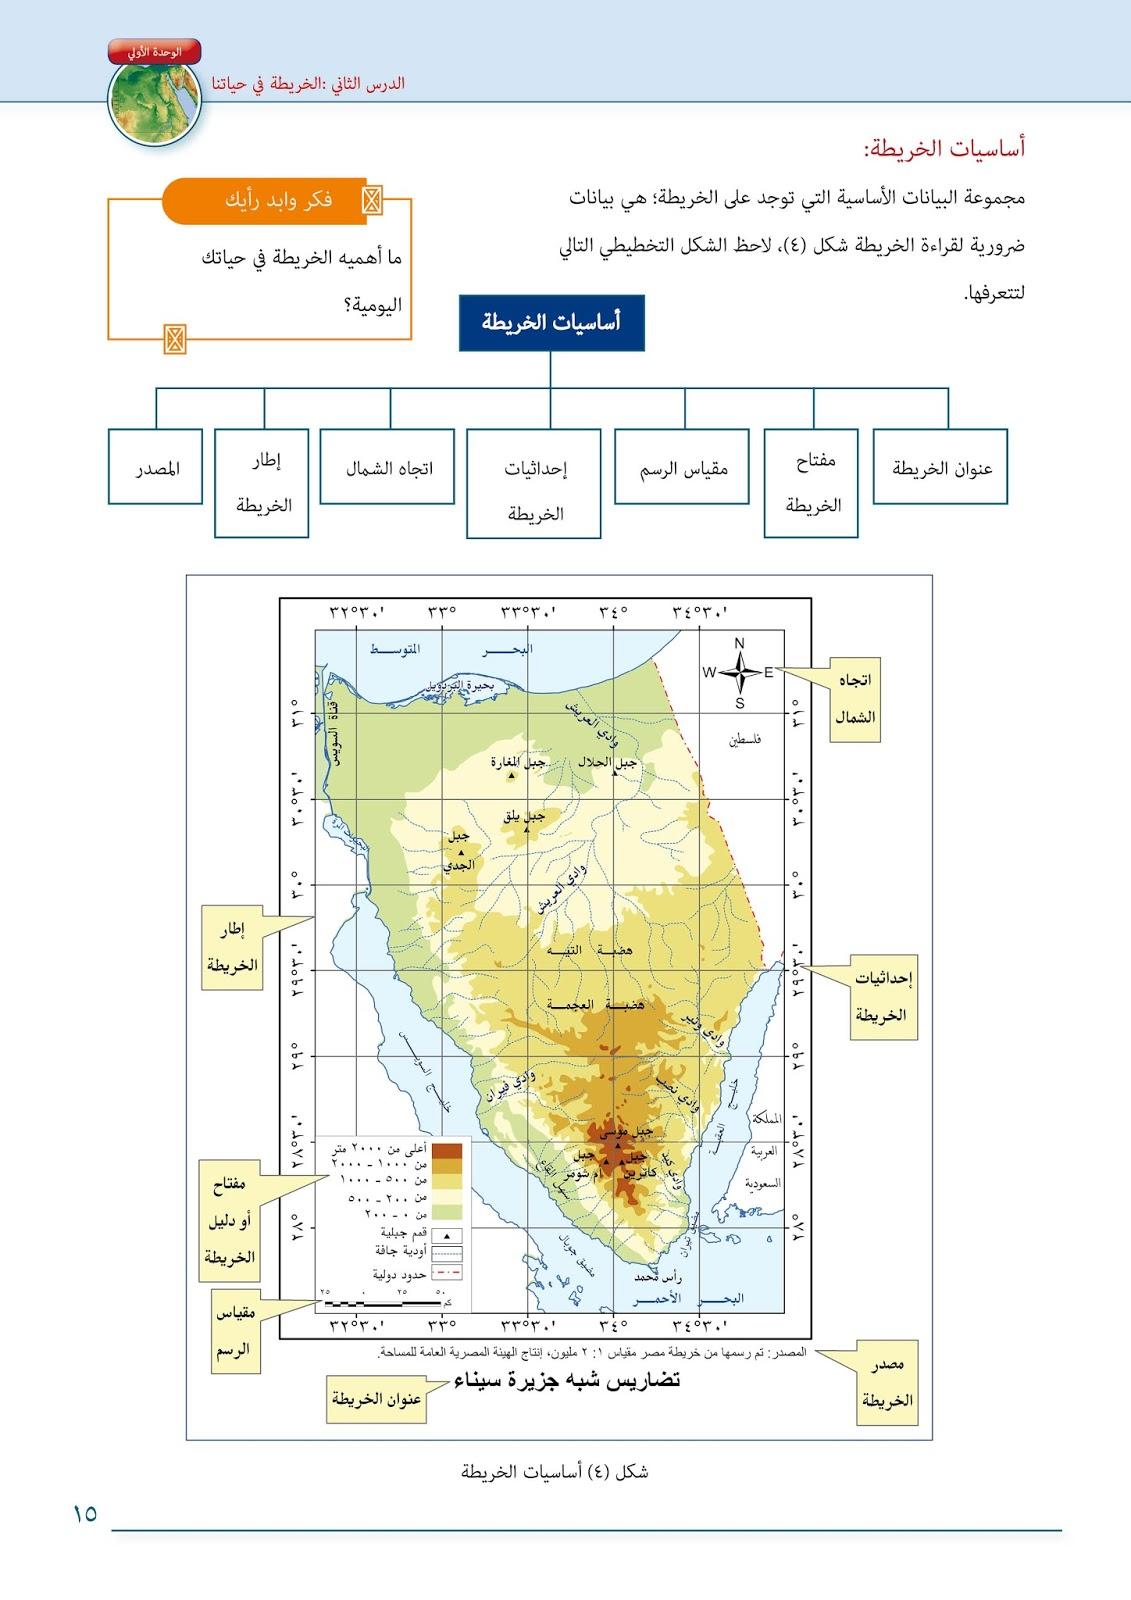 انفراد منهج الجغرافيا للصف الاول الثانوى 2013/2014 مناهج جديدة انفراد منهج الجغرافيا للصف الاول الثانوى 2013/2014 - صفحة 5 Geo+SEC+2013+U115